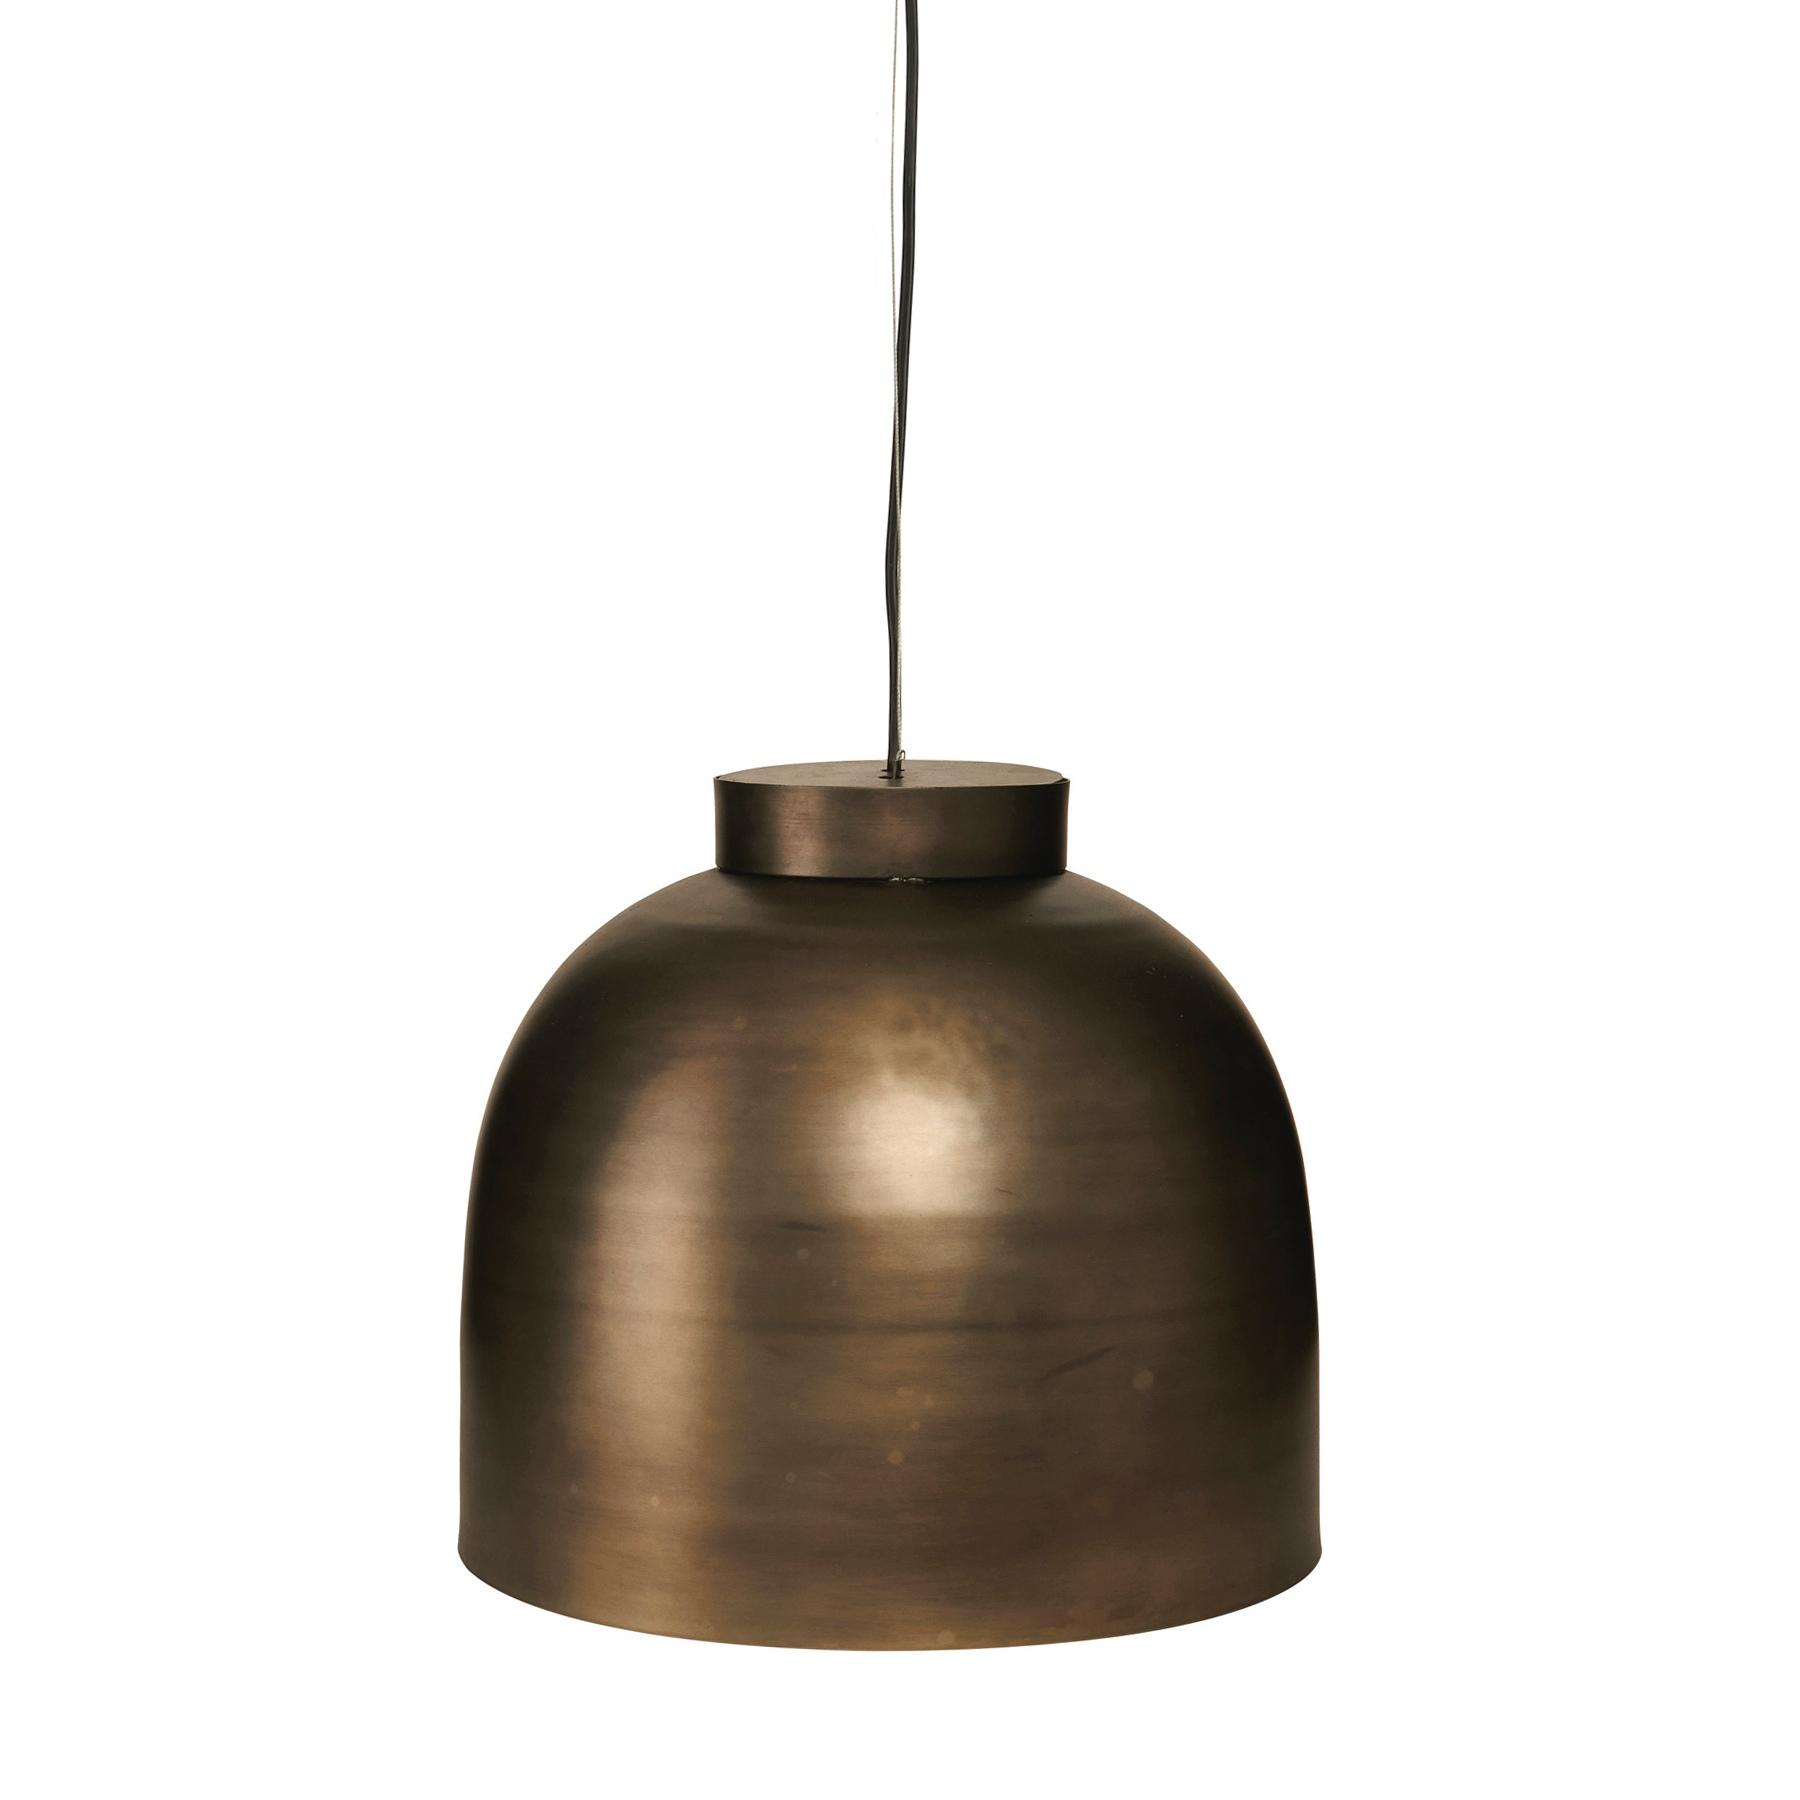 Oppsiktsvekkende Lampe BOWL Gunmetal Fra House Doctor - Maduro.dk EP-67